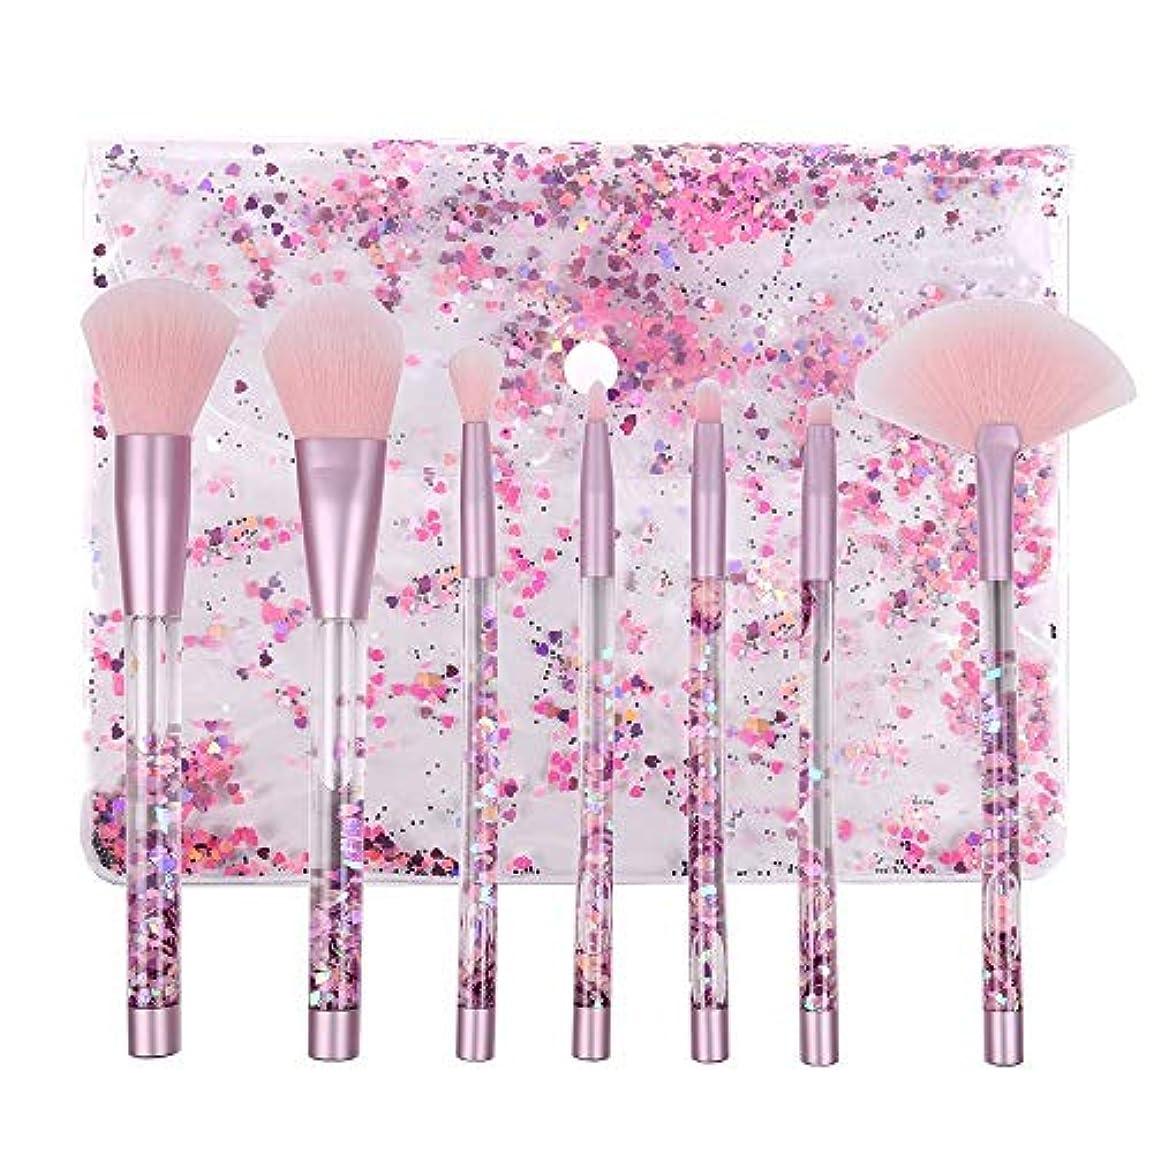 要求靴下マントMakeup brushes 化粧ブラシセット7ピースクリスタルピンク液体の光沢のある流砂のハンドル化粧ブラシナイロンブラシ suits (Color : Purple glitter handle and pink hair)